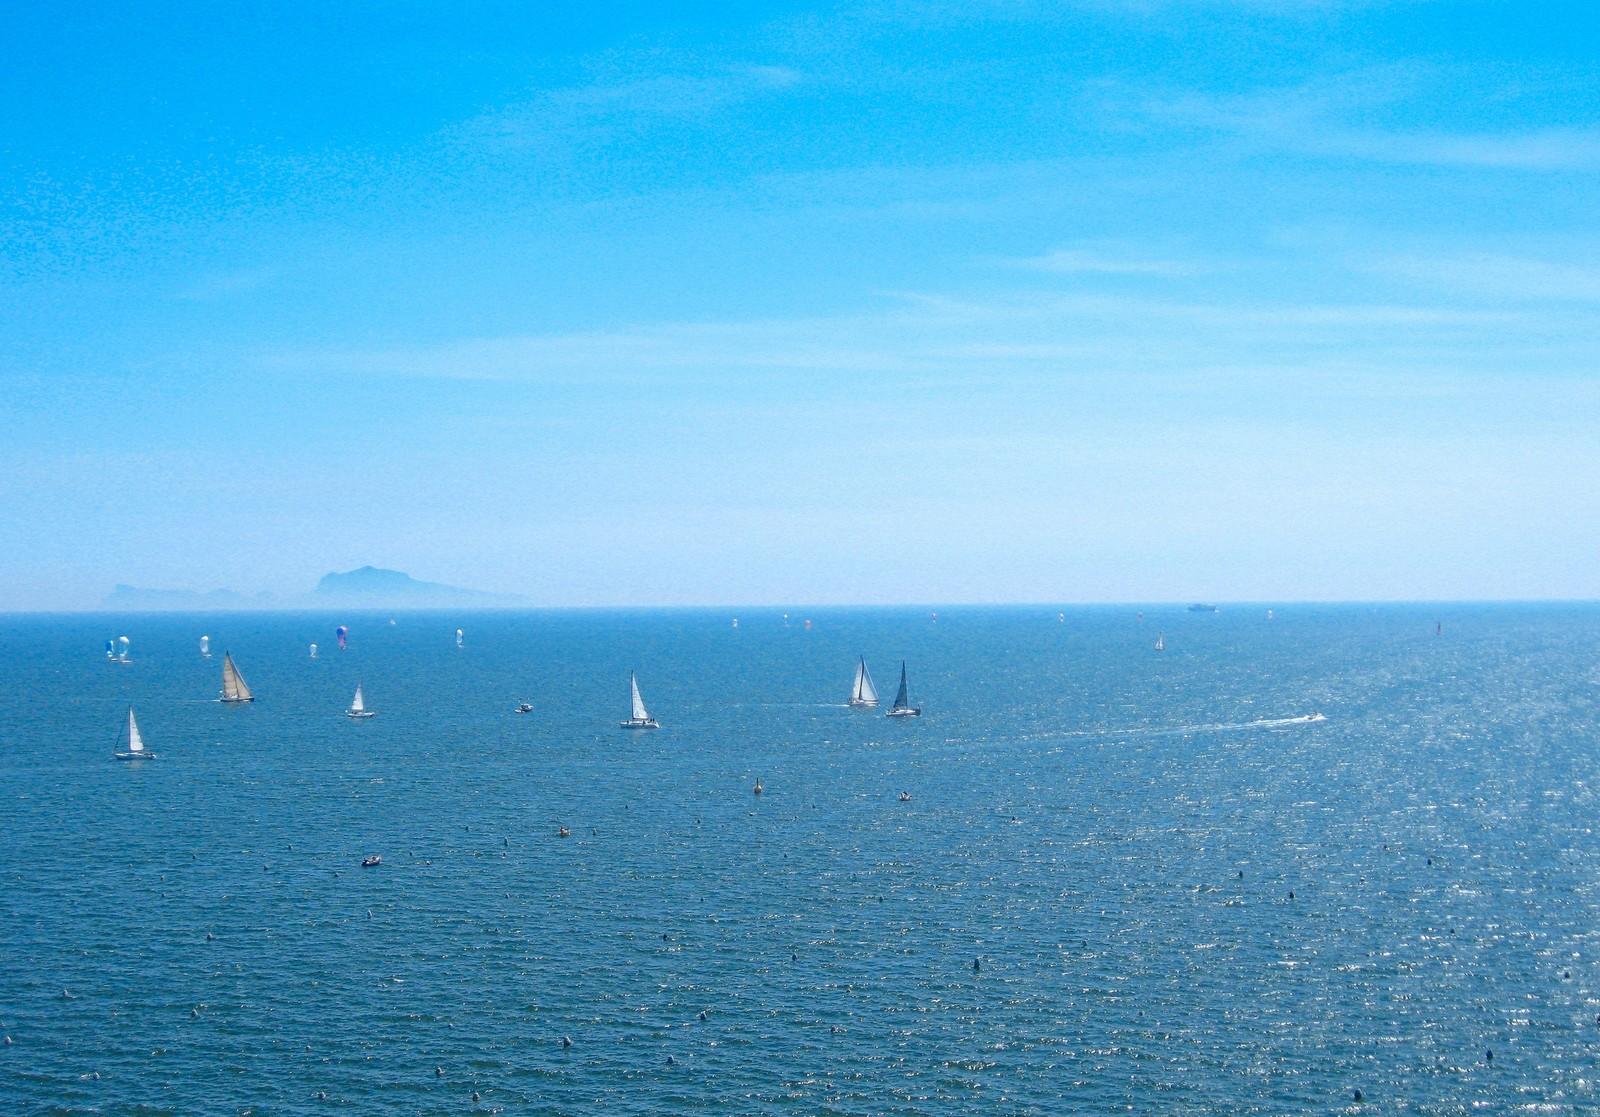 ヨットとふれあう体験帆走 期間  10月17日(土曜日)、10月18日(日曜日)申込締切  10月12日(月曜日)必着 イメージ画像